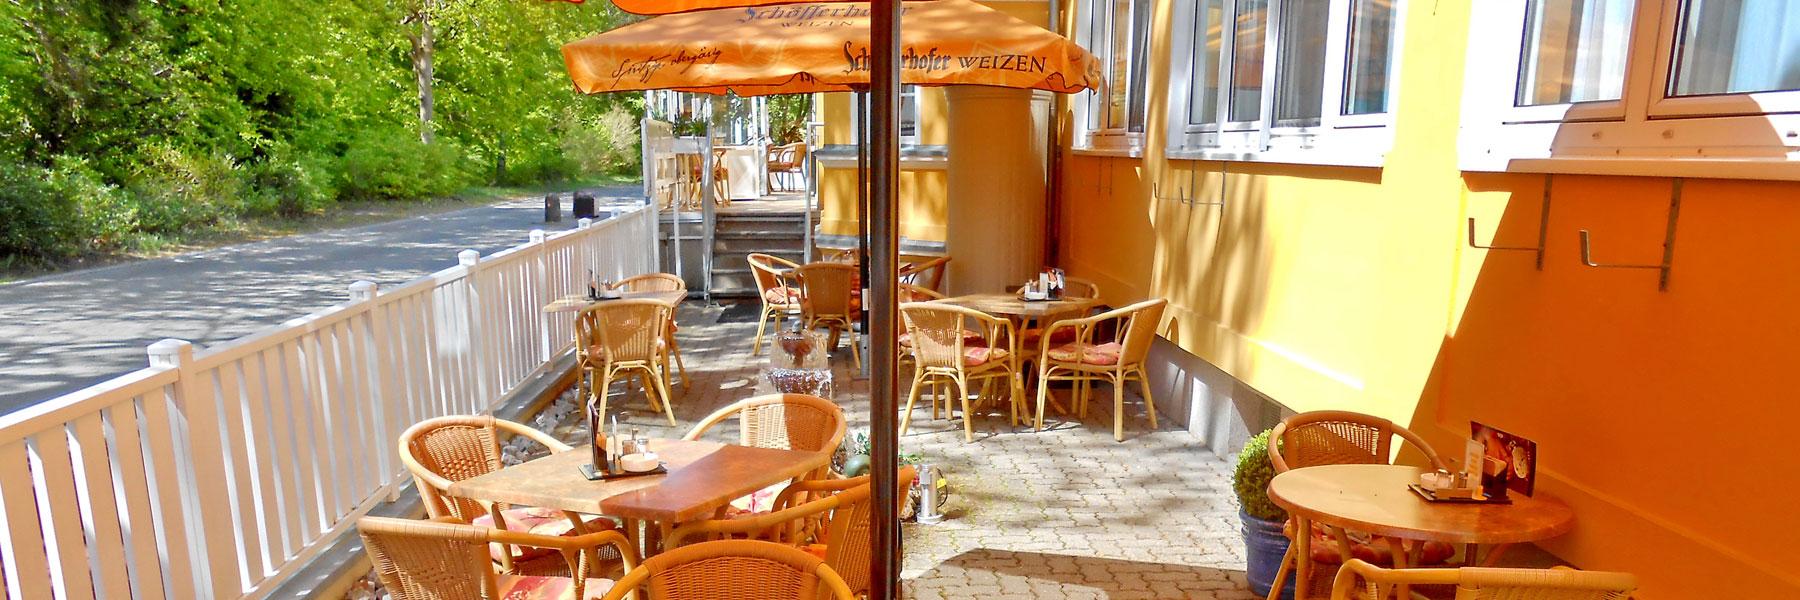 Außenterrasse - Hotel und Restaurant Kähler